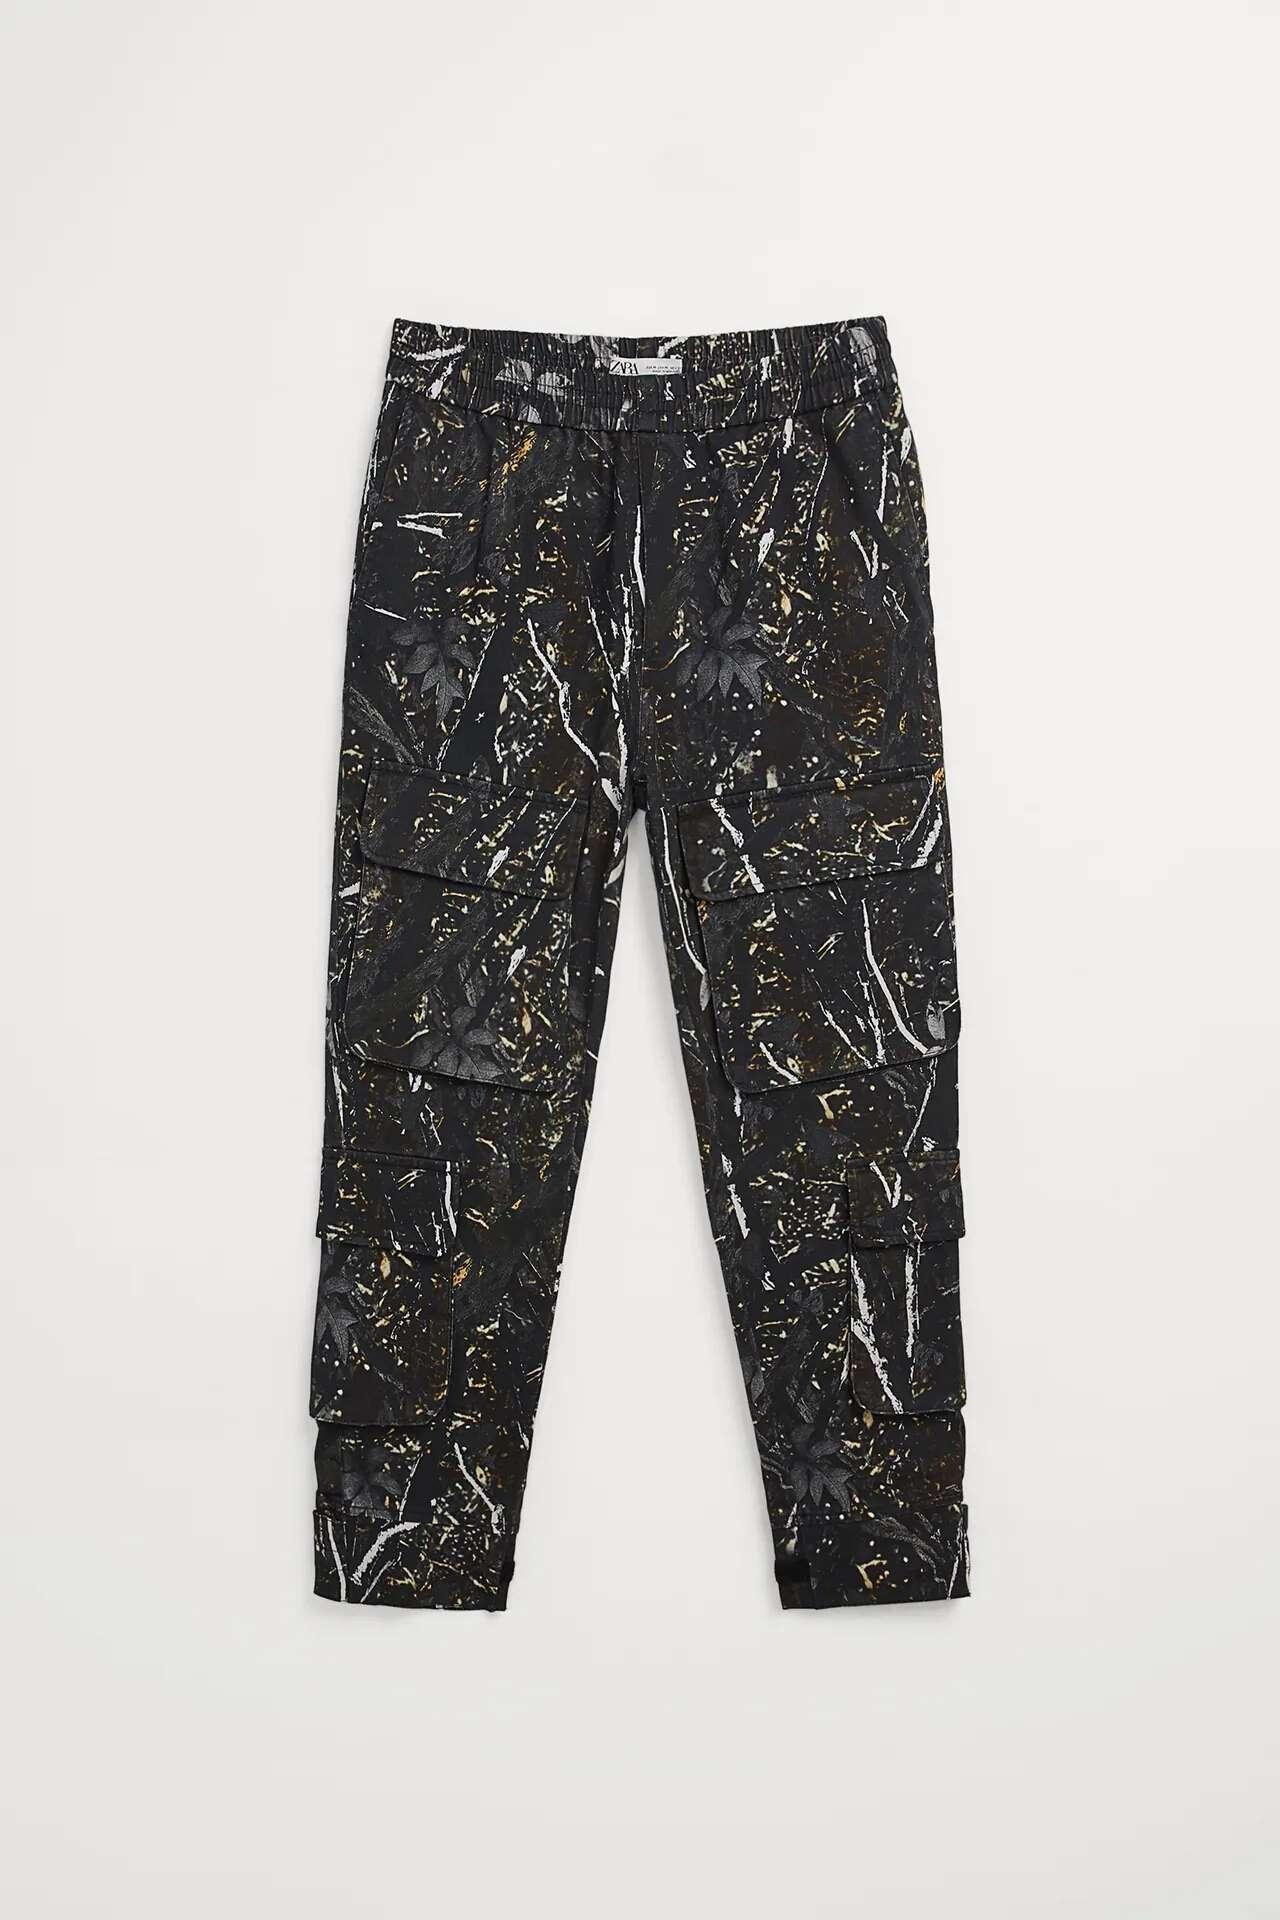 Pantalón tipo cargo con estampado de hojas